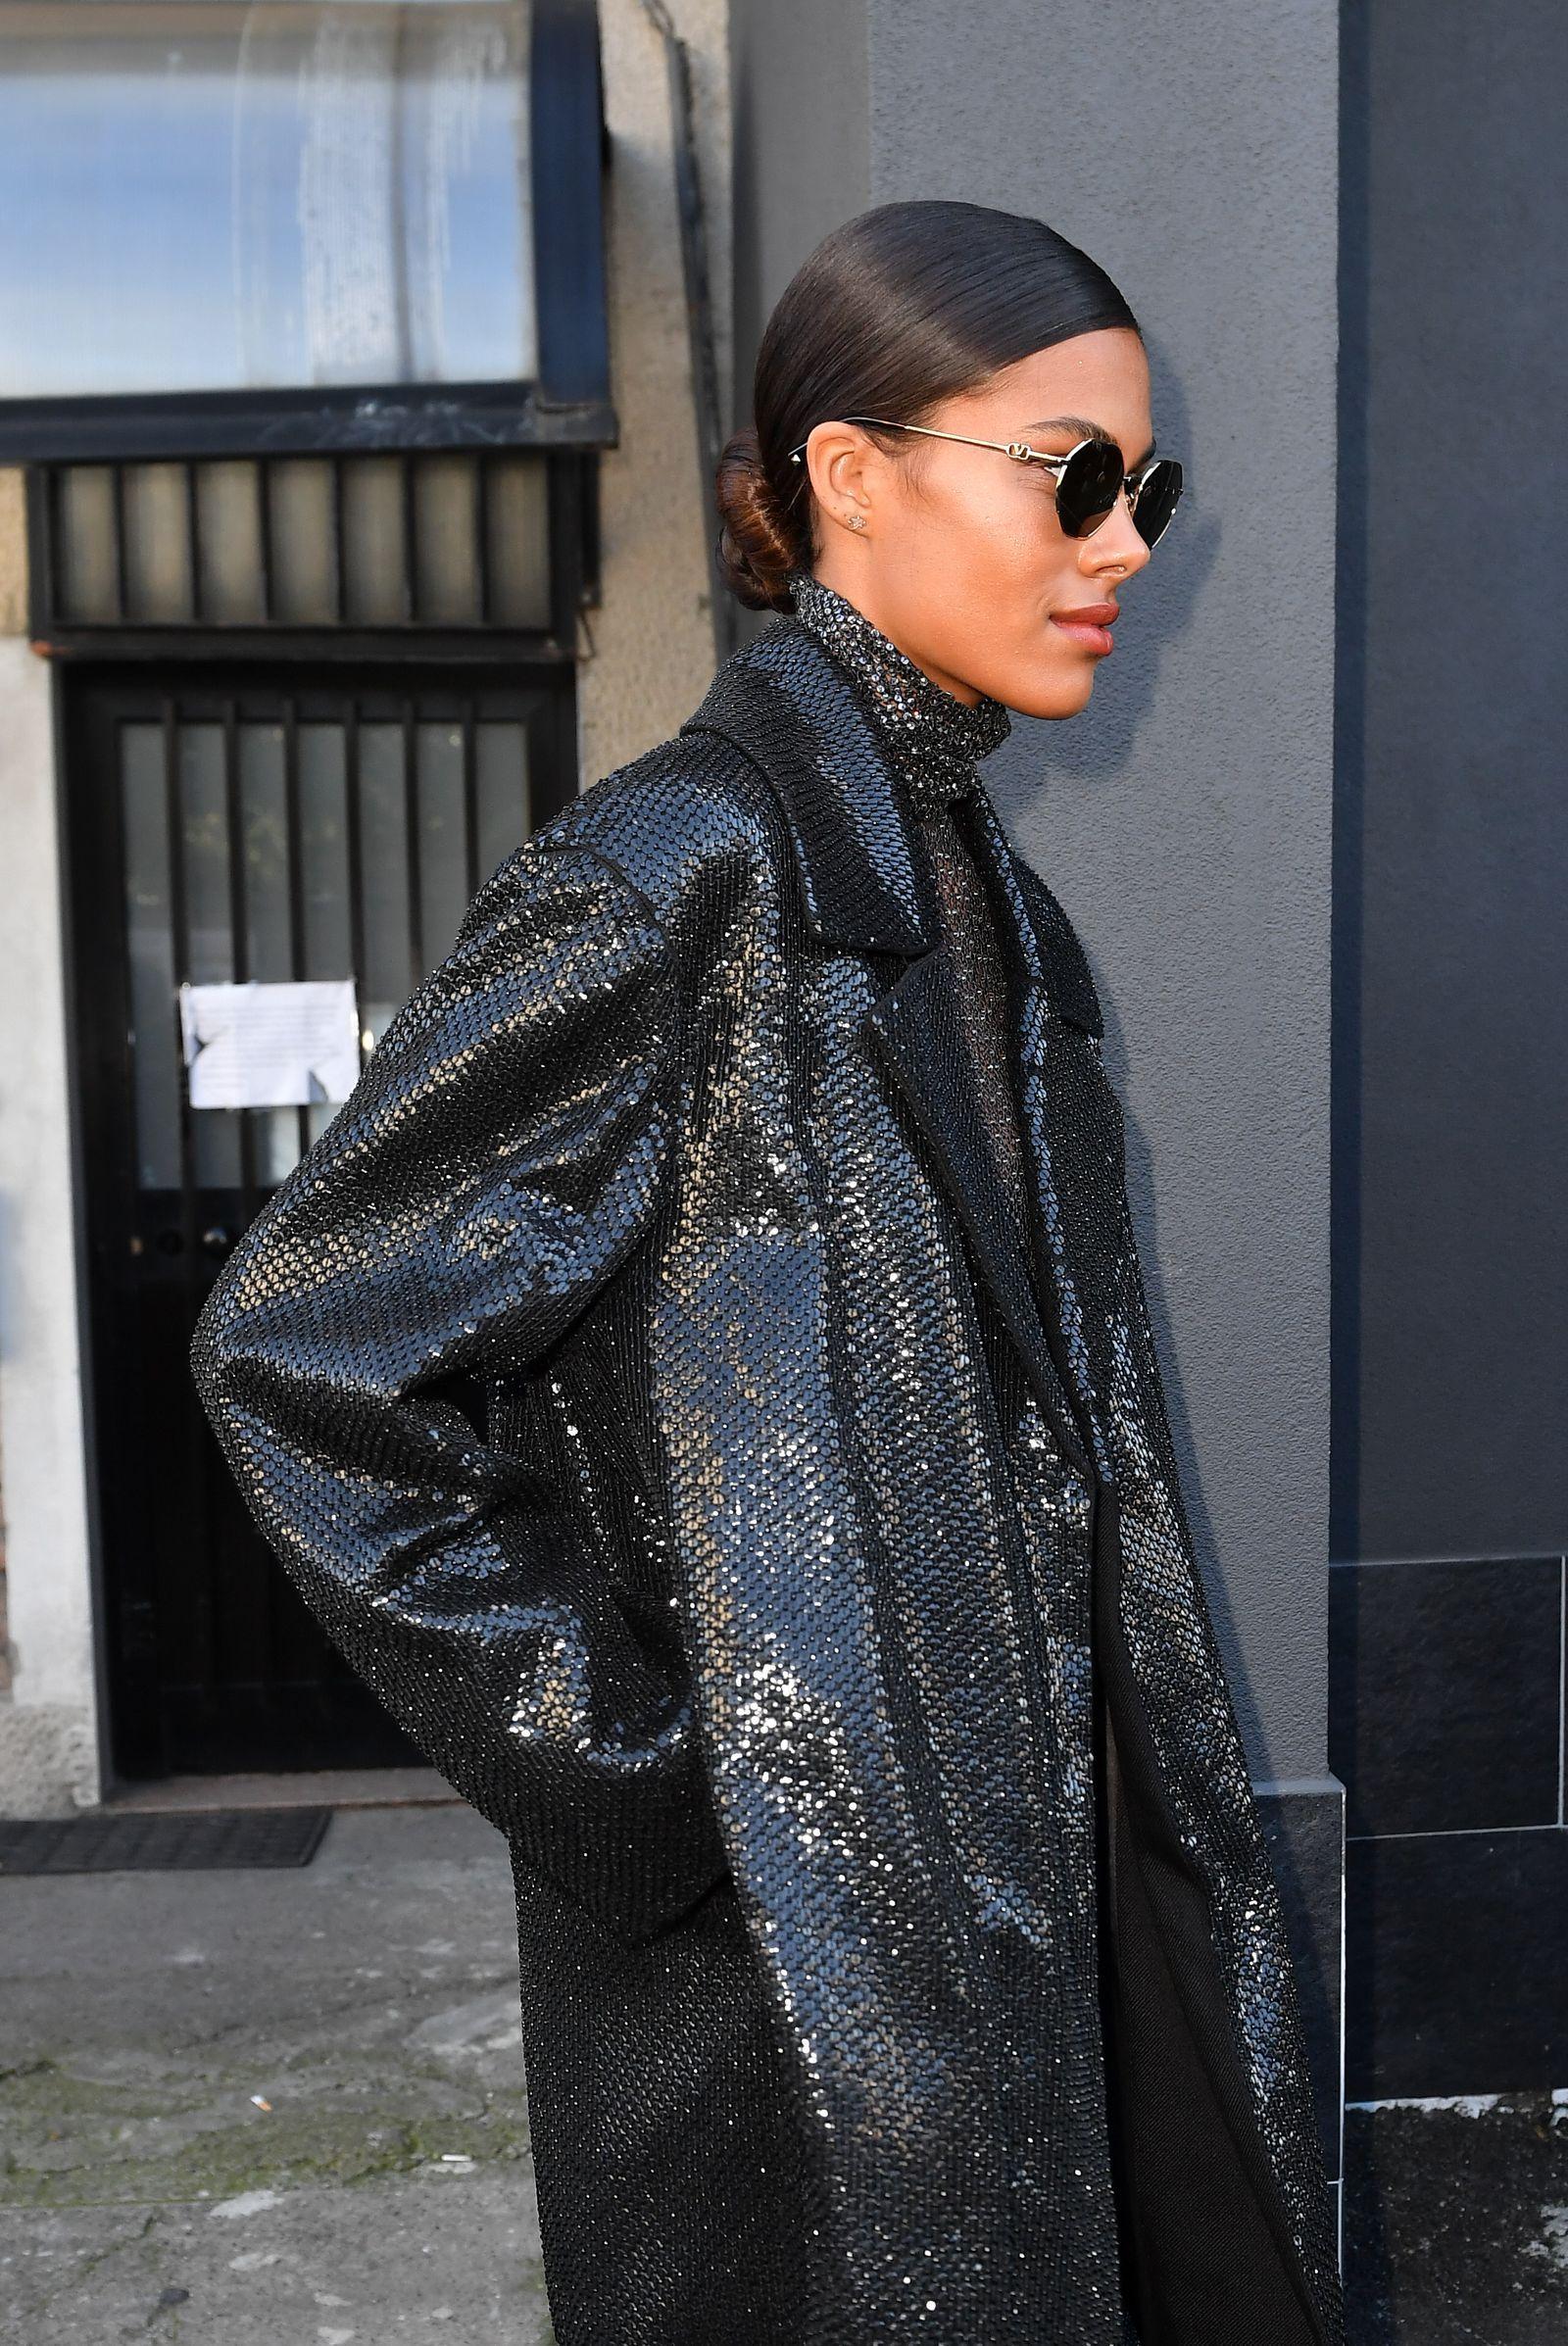 Il cappotto di Tina Kunakey è tutto ciò che ci aspettiamo da un cappotto elegante questo autunno